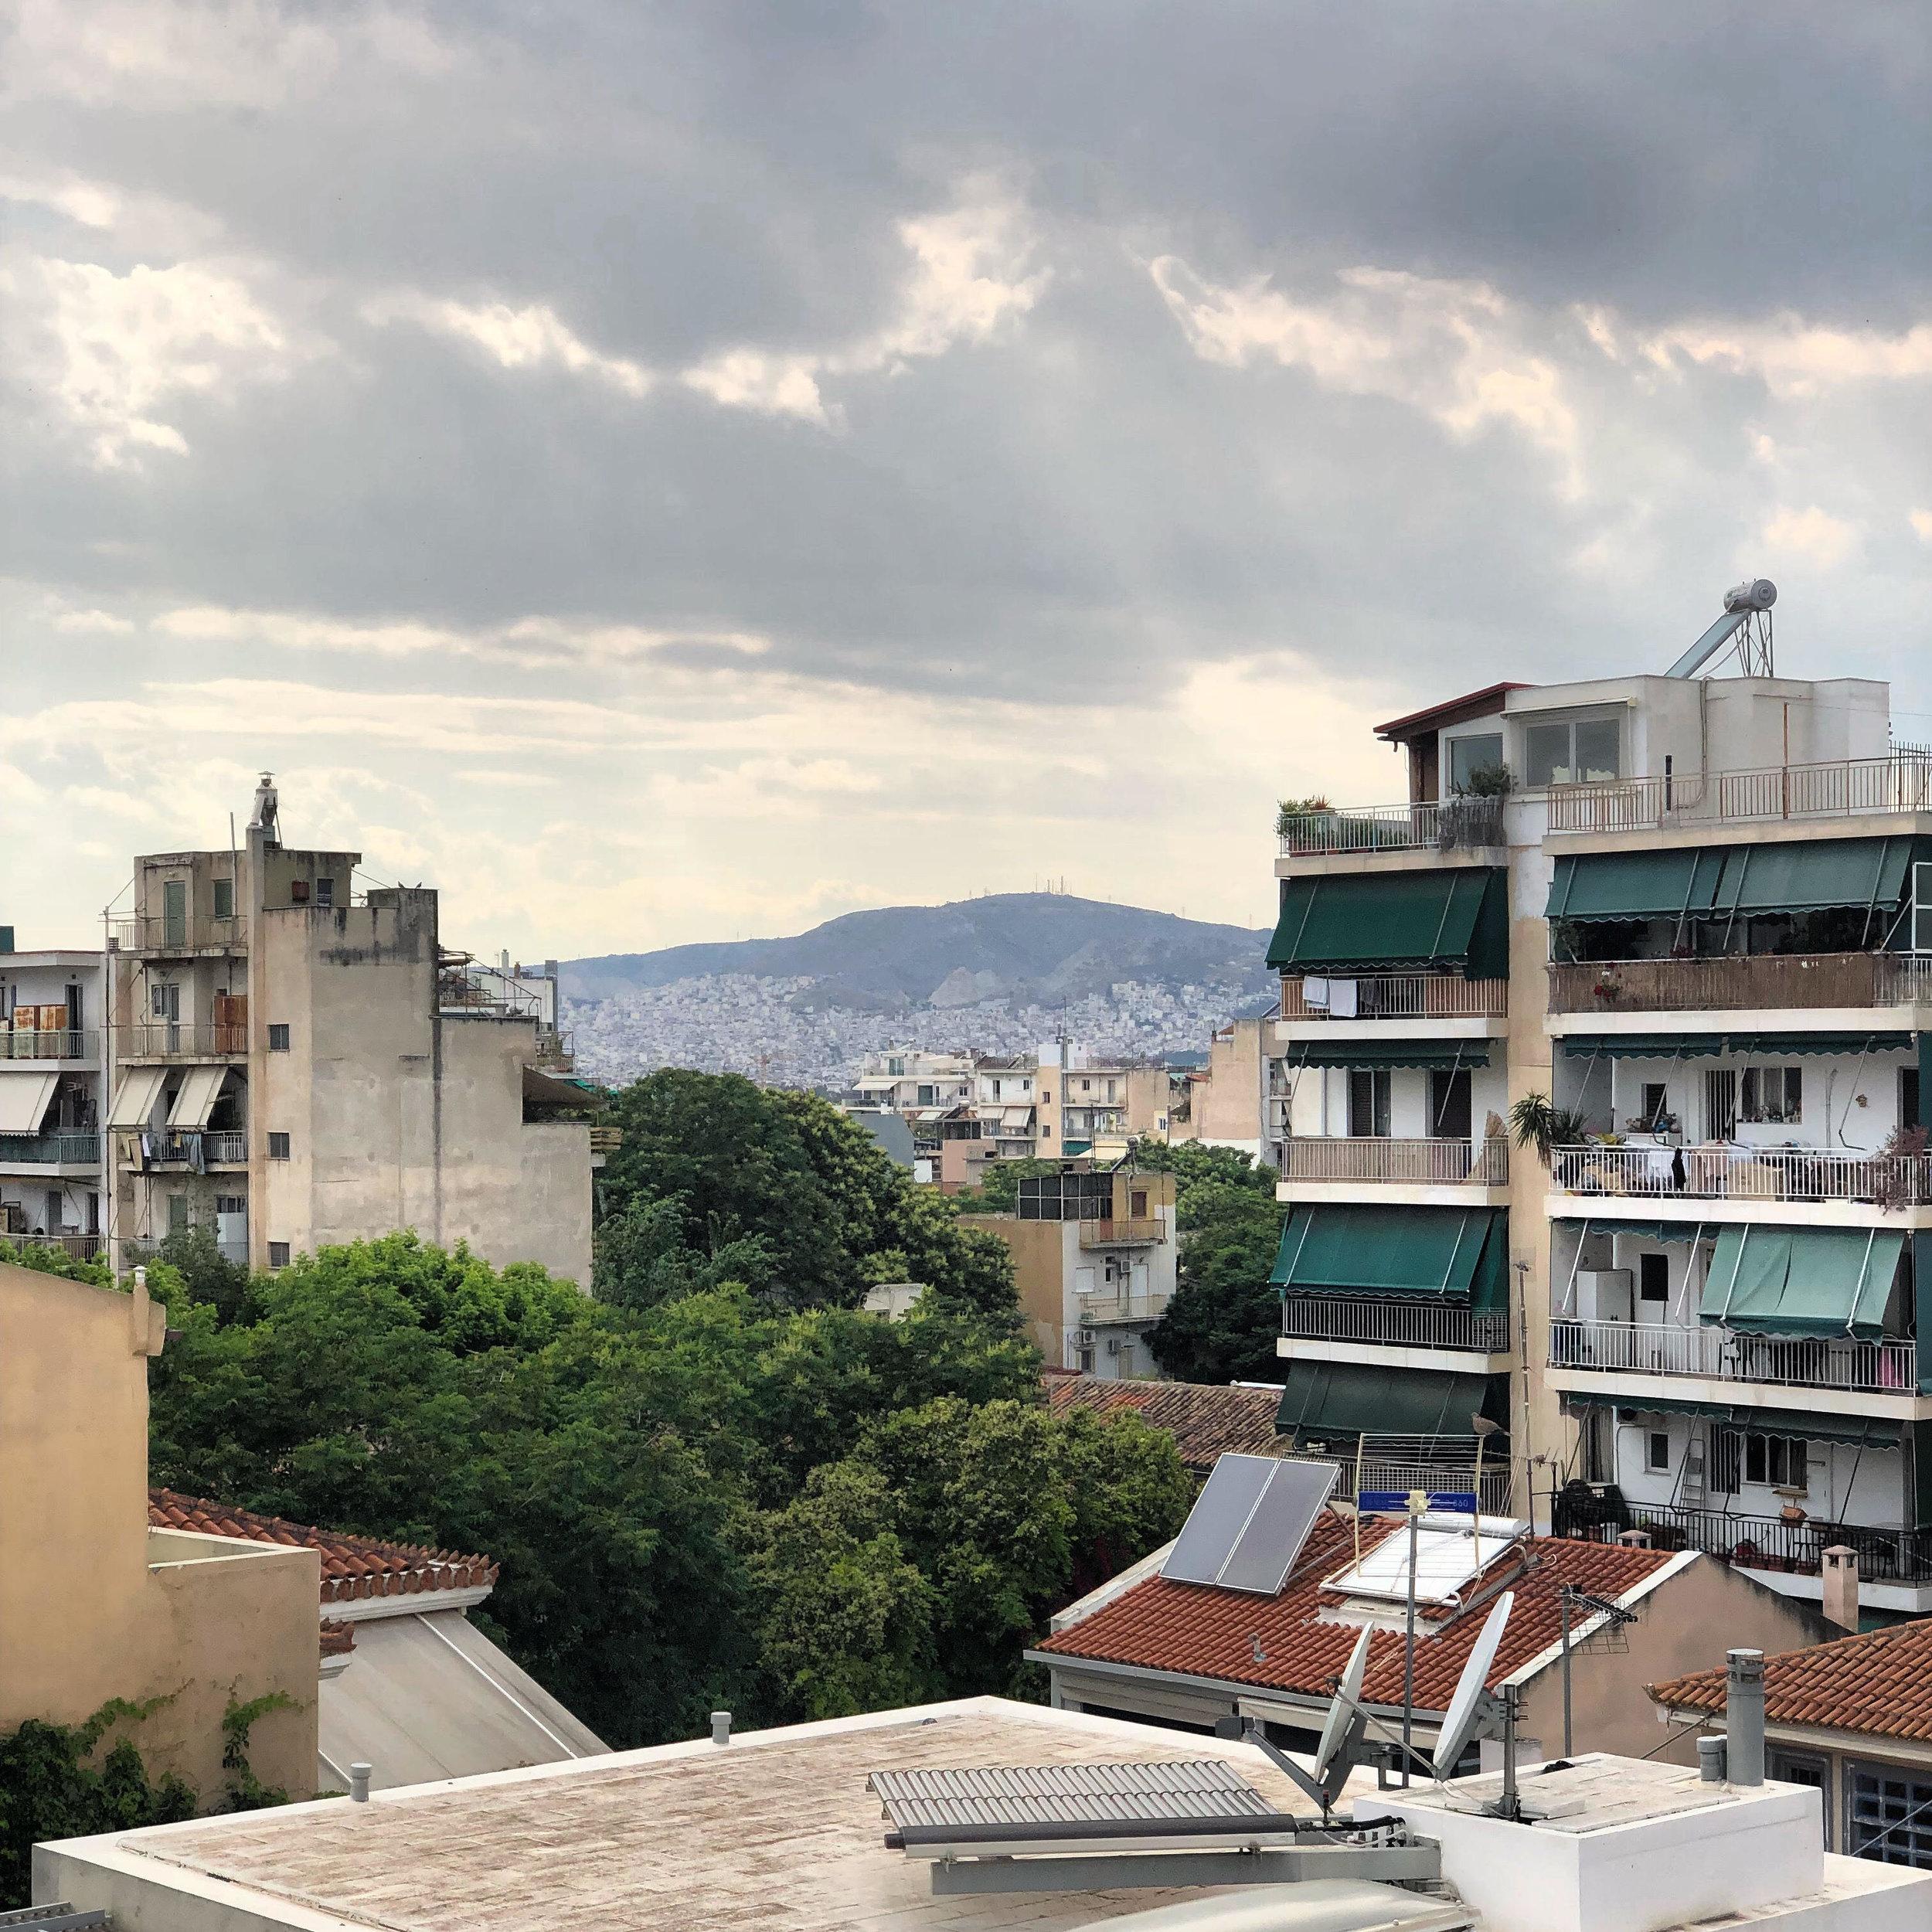 Atene.jpg